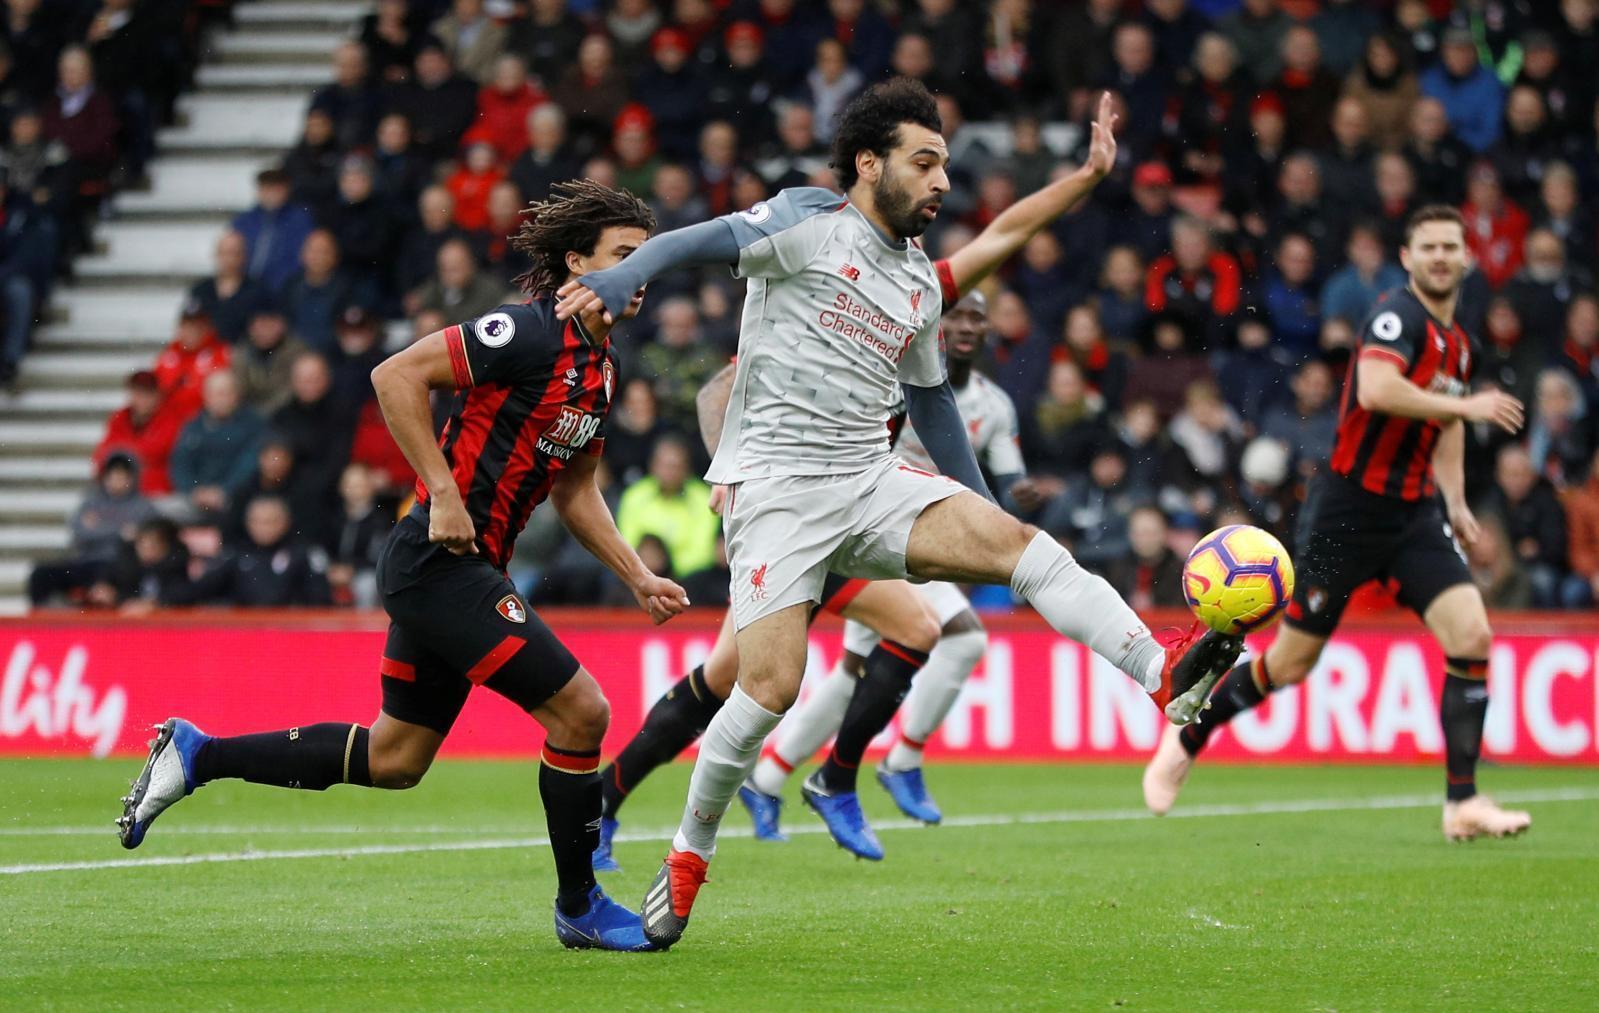 Cikin kungiyoyin 7 har da Liverpool da PSG da kuma Intermilan wadanda dukkaninsu ke faftukar ganin sun samu tsallakewa zuwa zagayen kungiyoyi 16 na gasar ta cin kofin zakarun Turai.